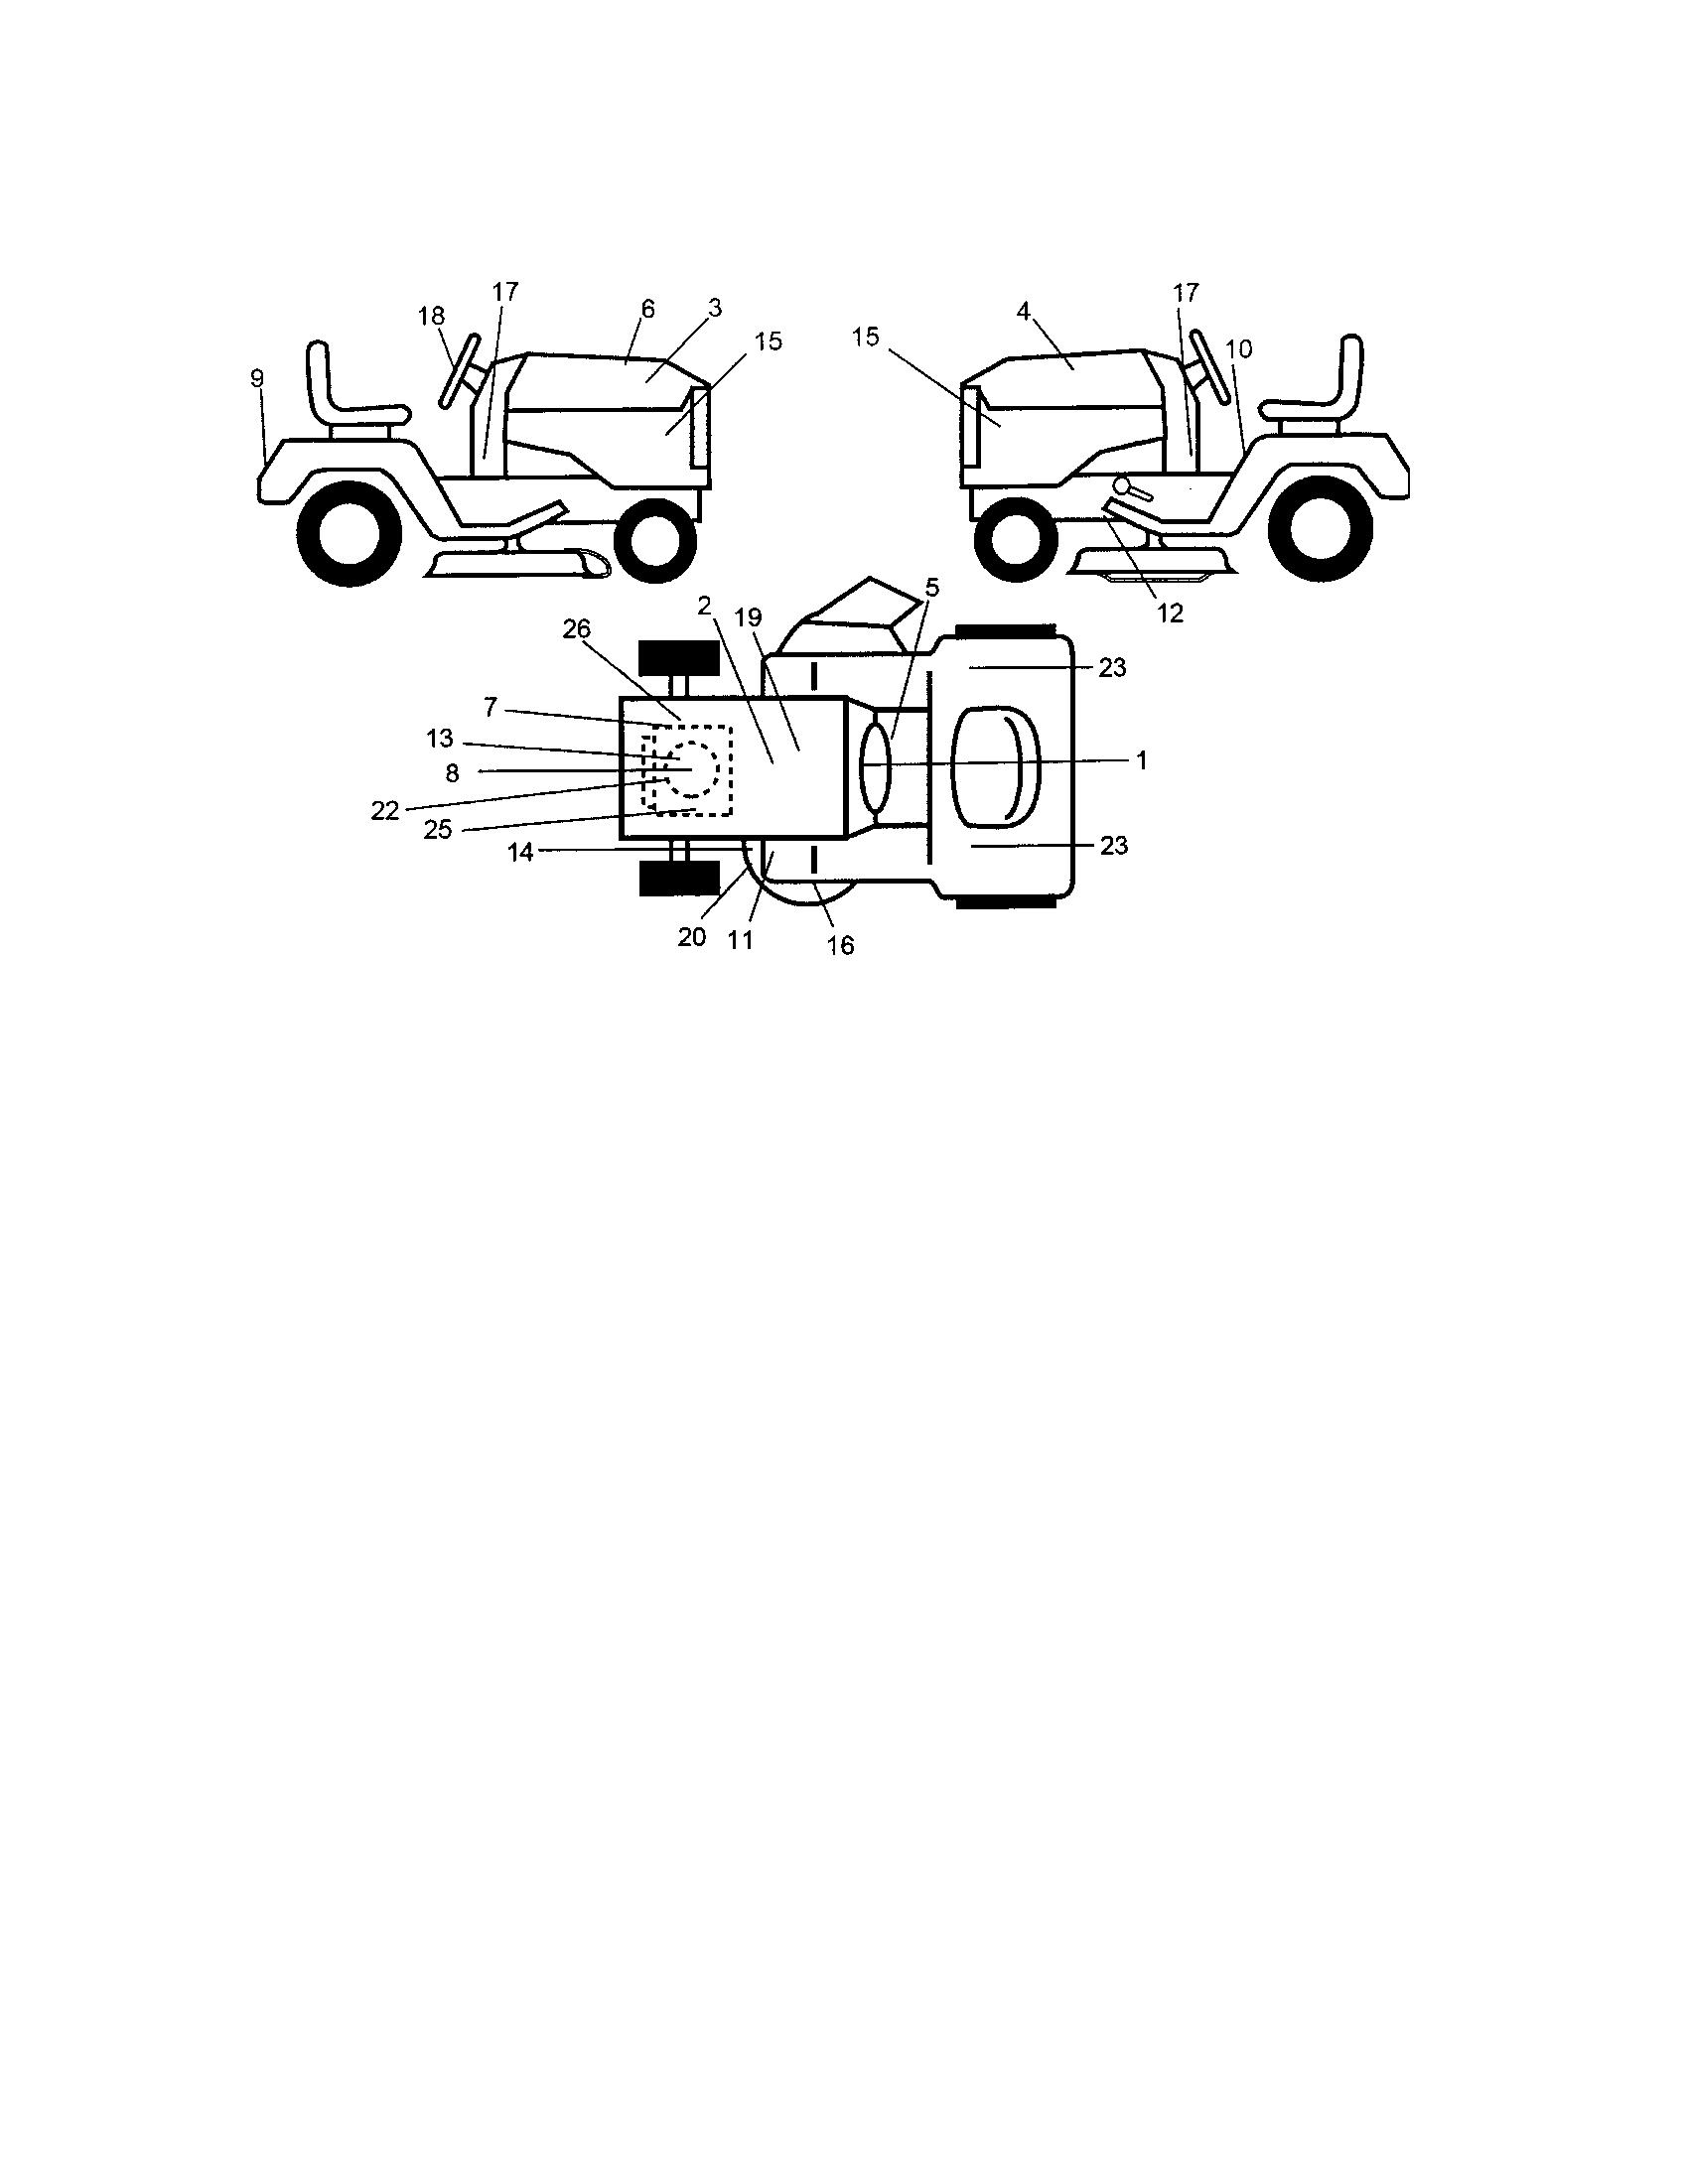 Craftsman model 917276022 lawn, tractor genuine parts